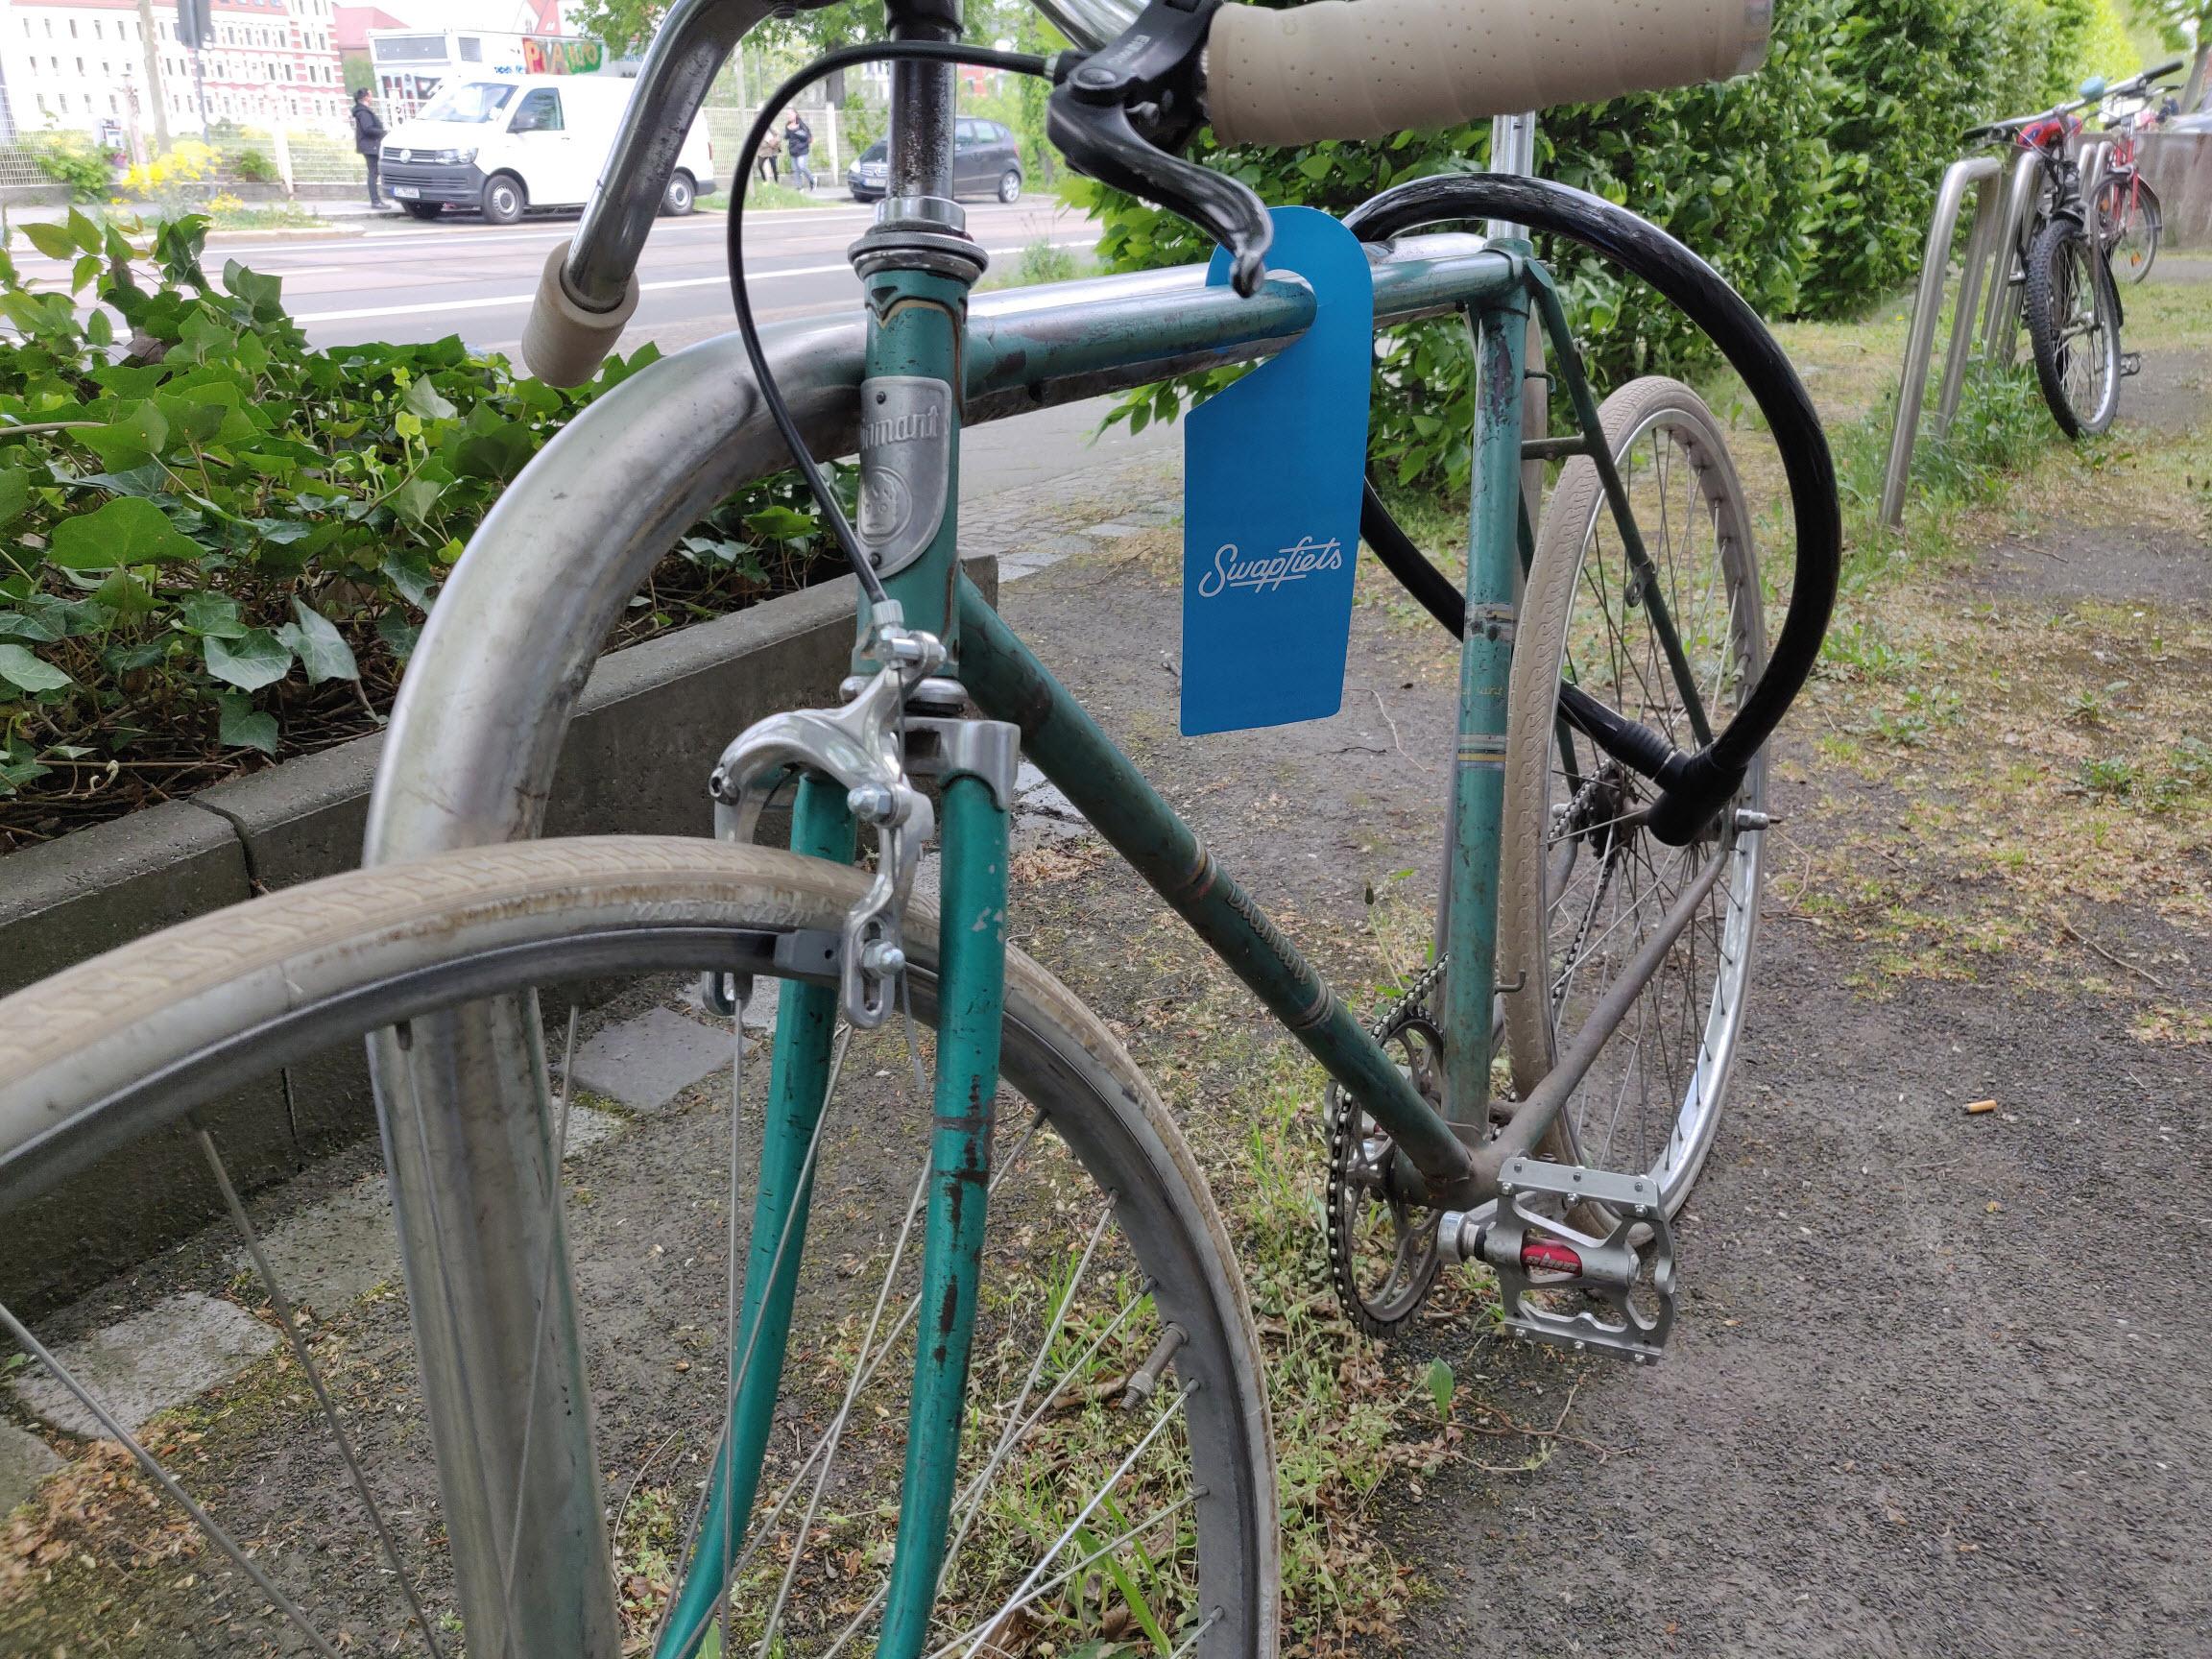 Fahrrad Leasing Swapfiets Werbung Anhänger am Fahrrad